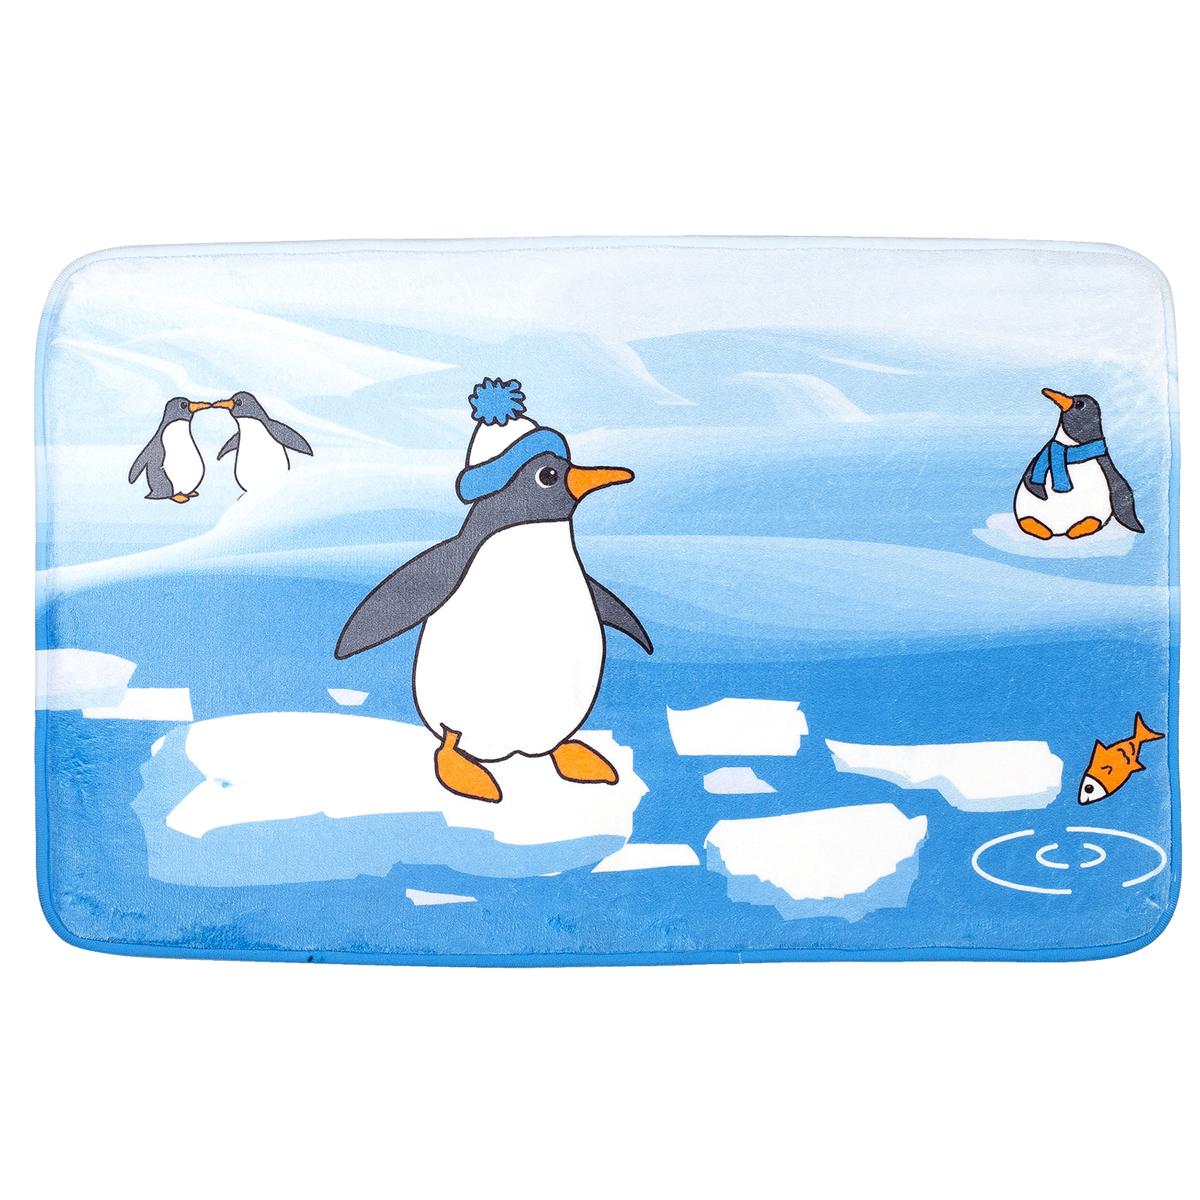 Коврик для ванной комнаты Tatkraft Penguins, 50 х 80 смMMI130MКоврик для ванной комнаты Tatkraft Penguins изготовлен из микрофибры Ultra Soft - мягкого, приятного на ощупь материала. Коврик отлично поглощает и впитывает влагу. Основание - противоскользящее, оно предотвращает скольжение коврика по полу. Яркий красочный рисунок с изображением пингвинов внесет оригинальную нотку в интерьер ванной комнаты. Коврики Tatkraft - прекрасное решение для ванной комнаты. Можно стирать в стиральной машине.